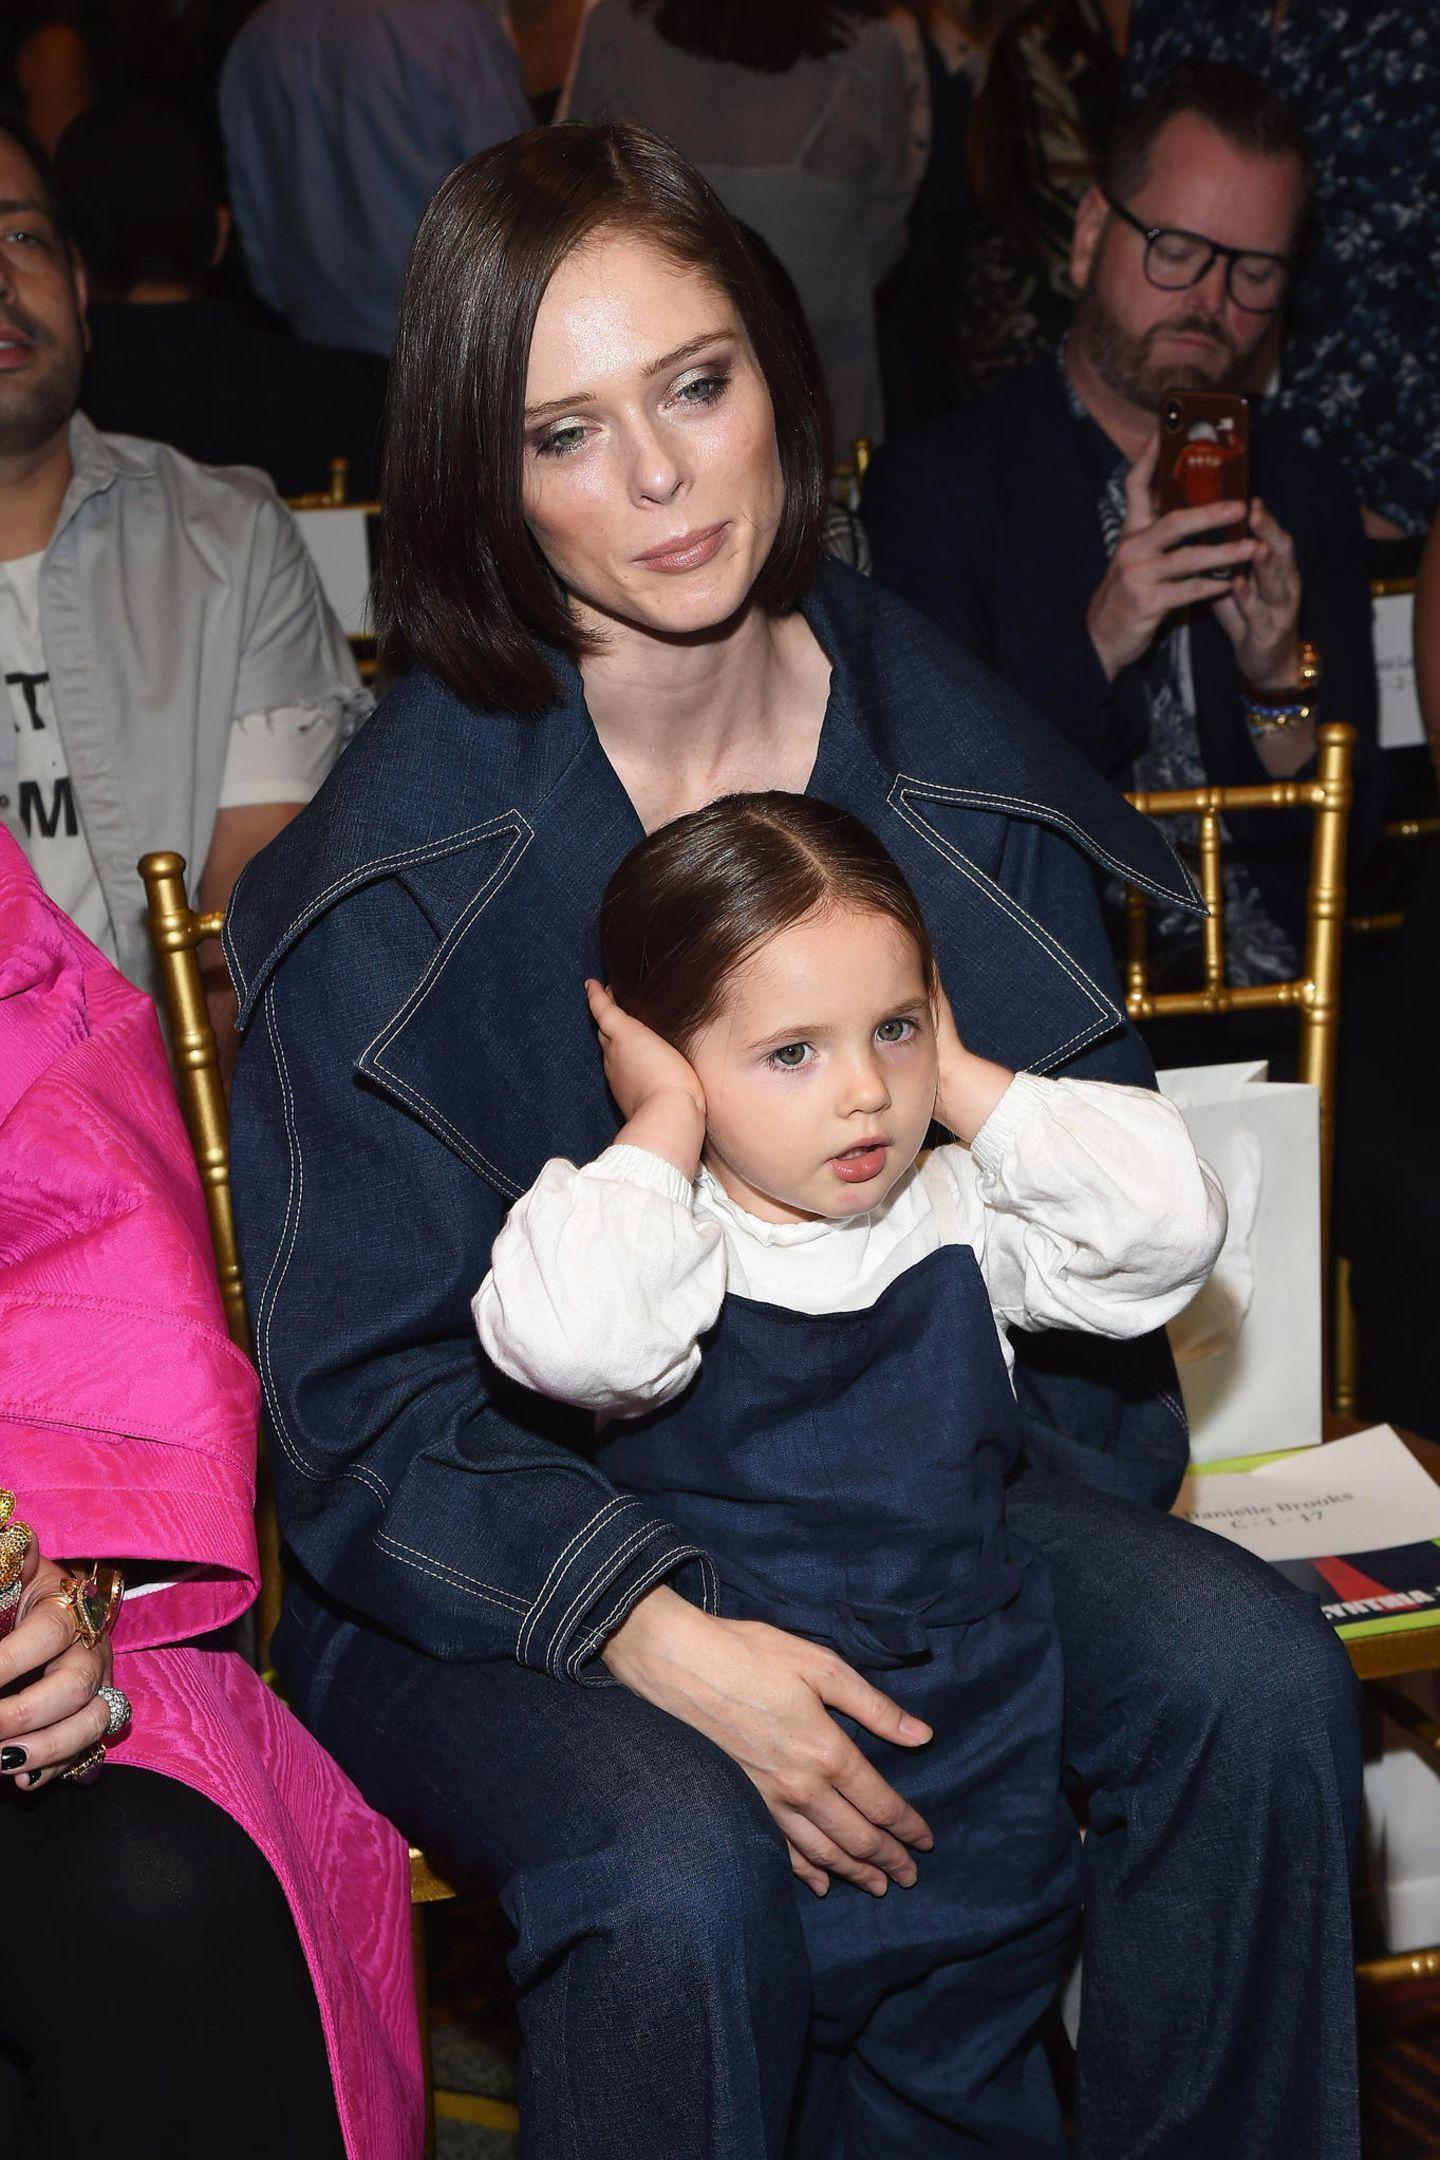 Coco Rochas süßer Tochter Ioni scheint der Fashion-Week-Trubel aber etwas zu laut zu sein.